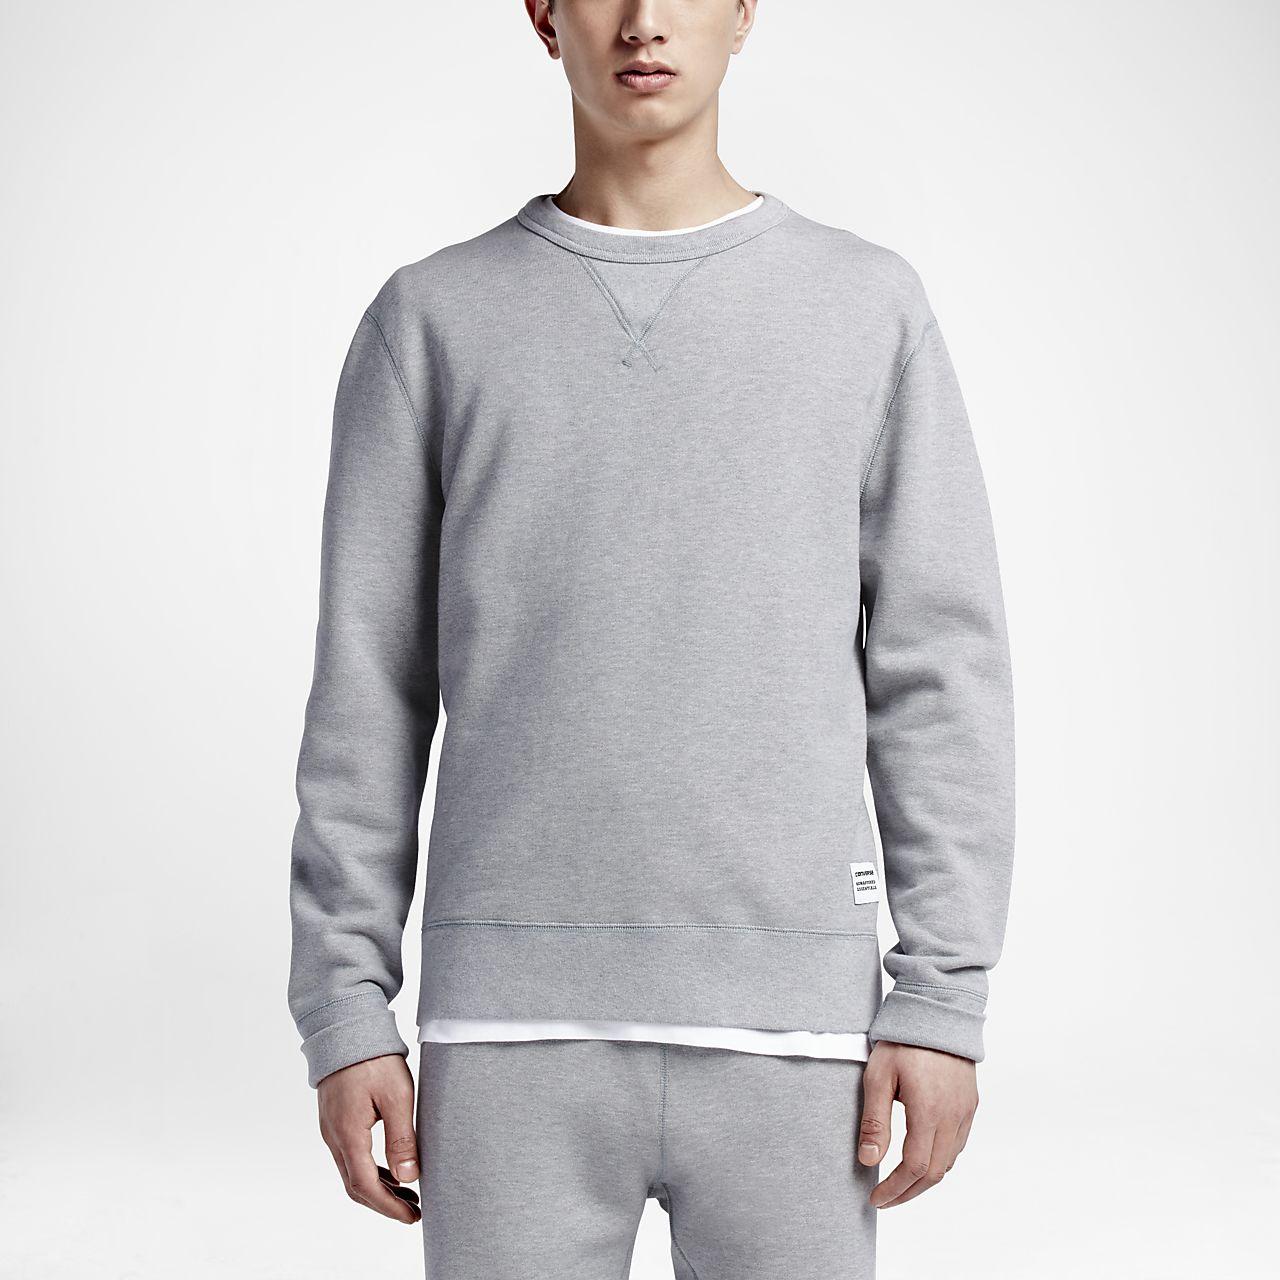 Converse Essentials Cropped Crew Women's Sweatshirt Grey/White